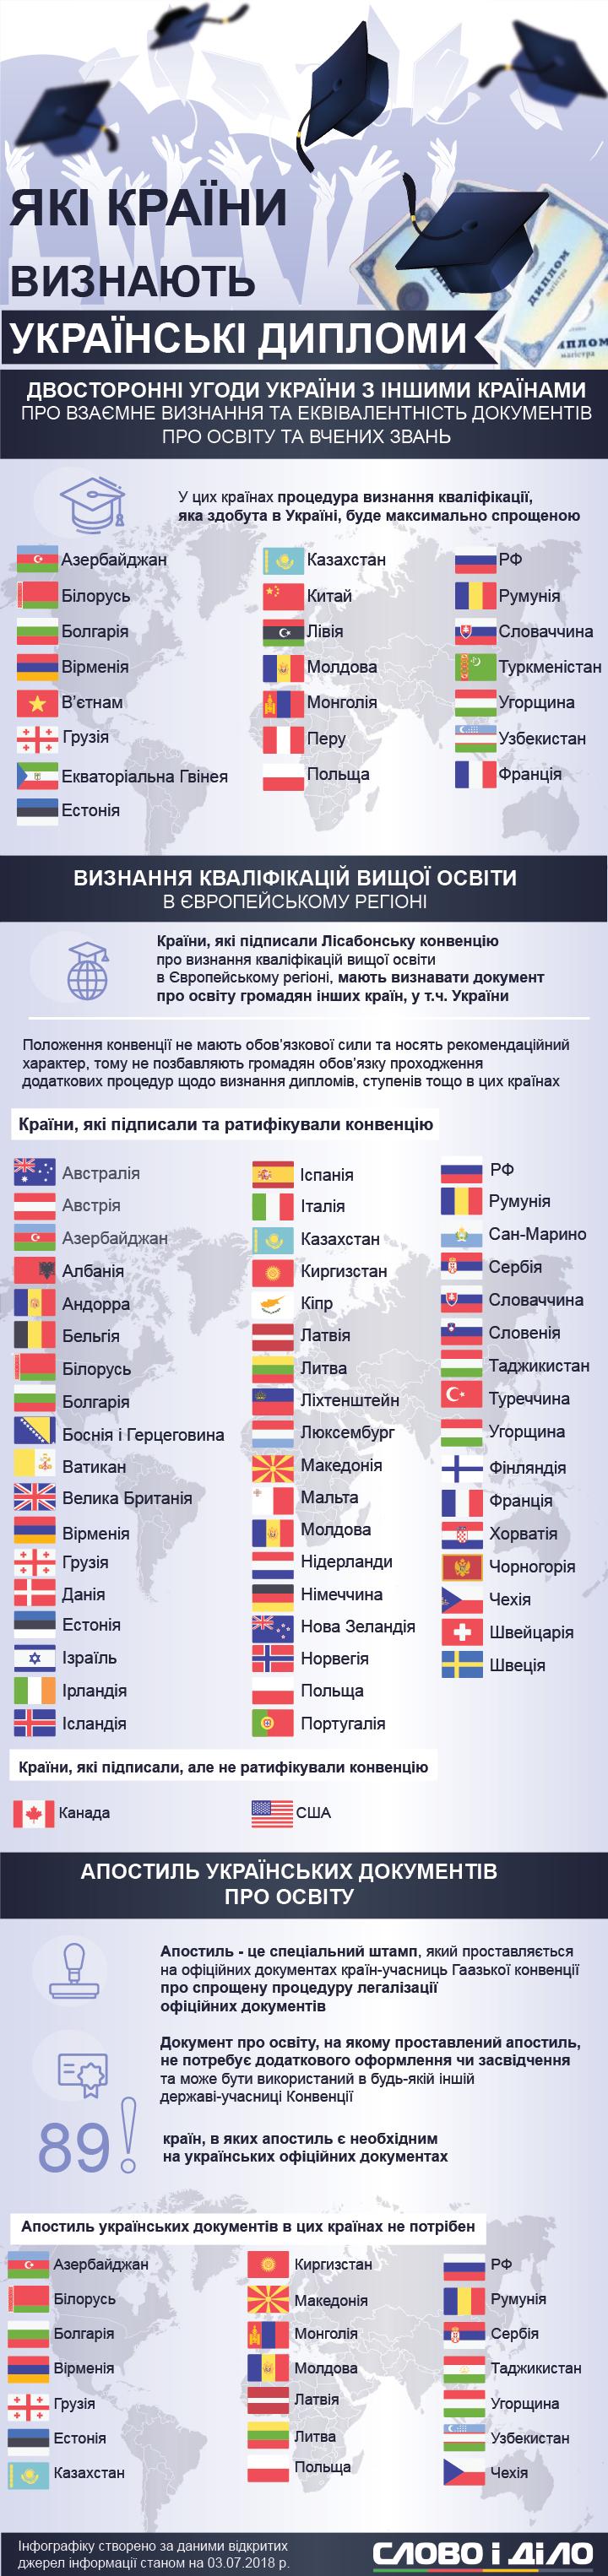 Украинские дипломы признают в СНГ, а также в 89 странах мира без особых требований. В Польше, Чехии и некоторых европейских государствах могут отказать в признании диплома без апостиля.